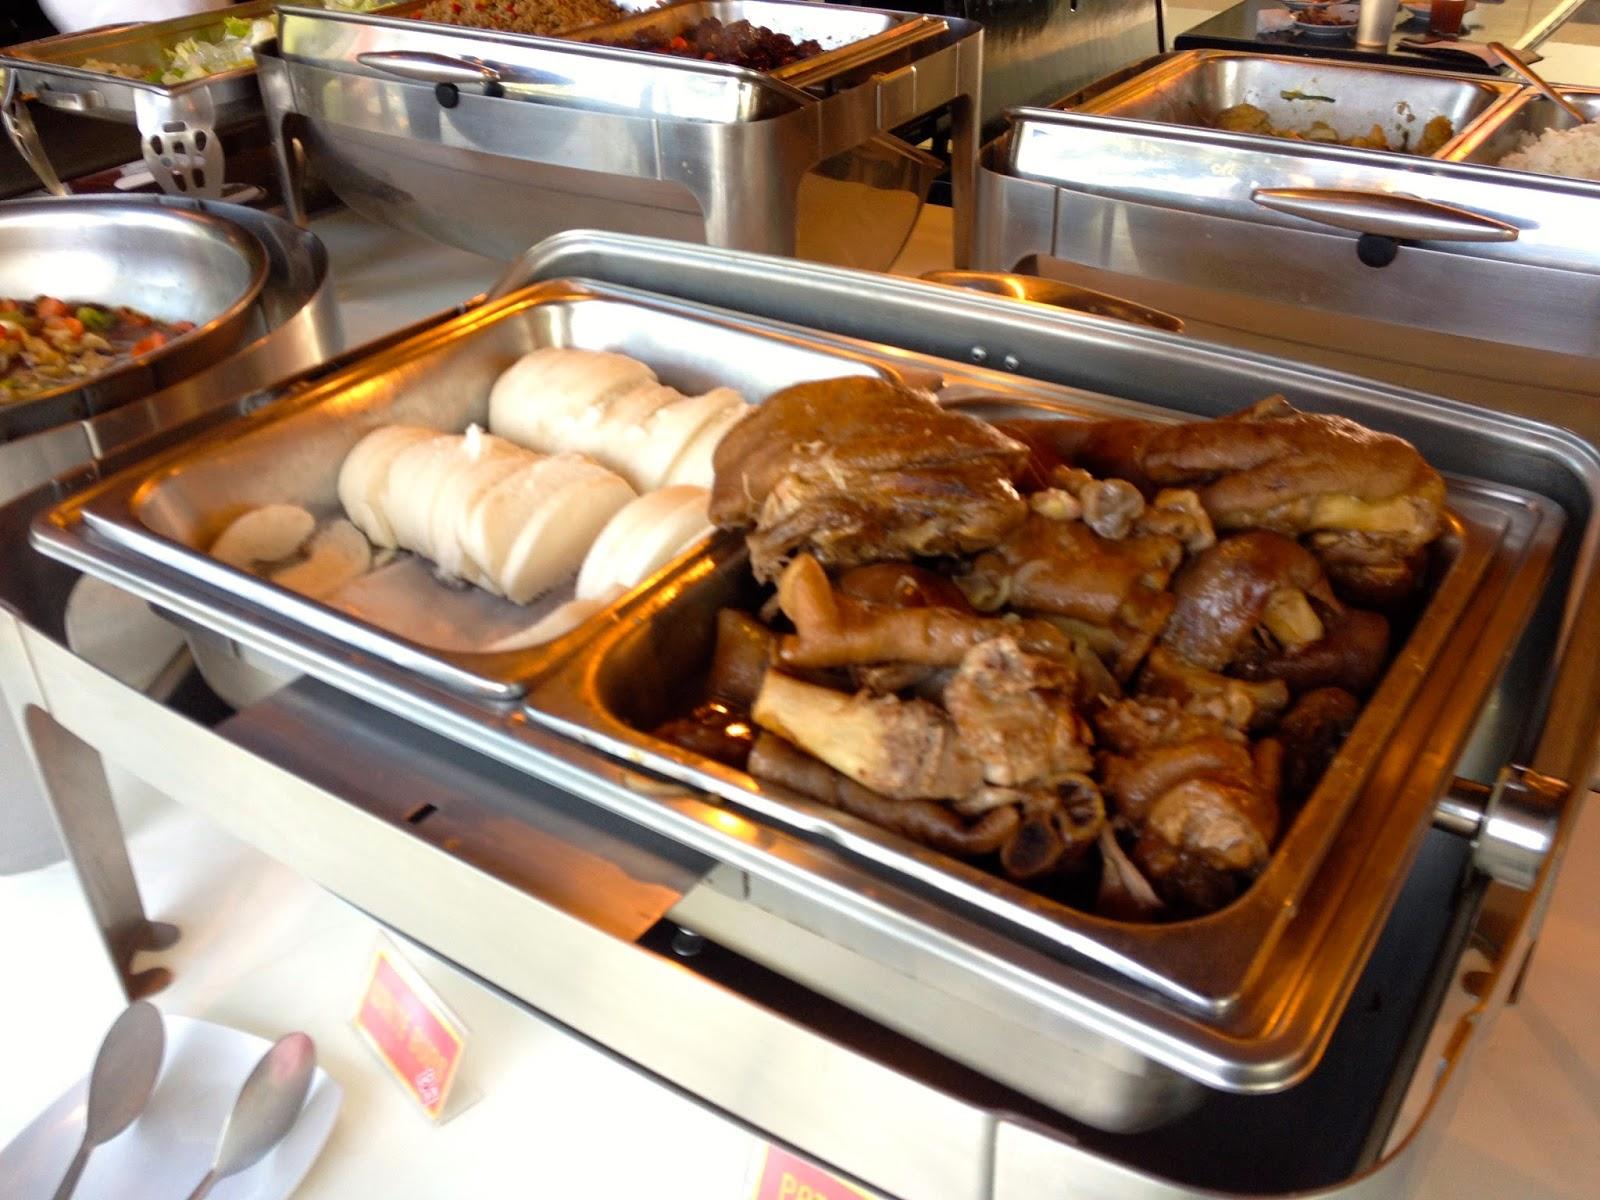 Eat-All-You-Can Restaurant in Cebu: Dim Sum Overload at Ding Qua Qua